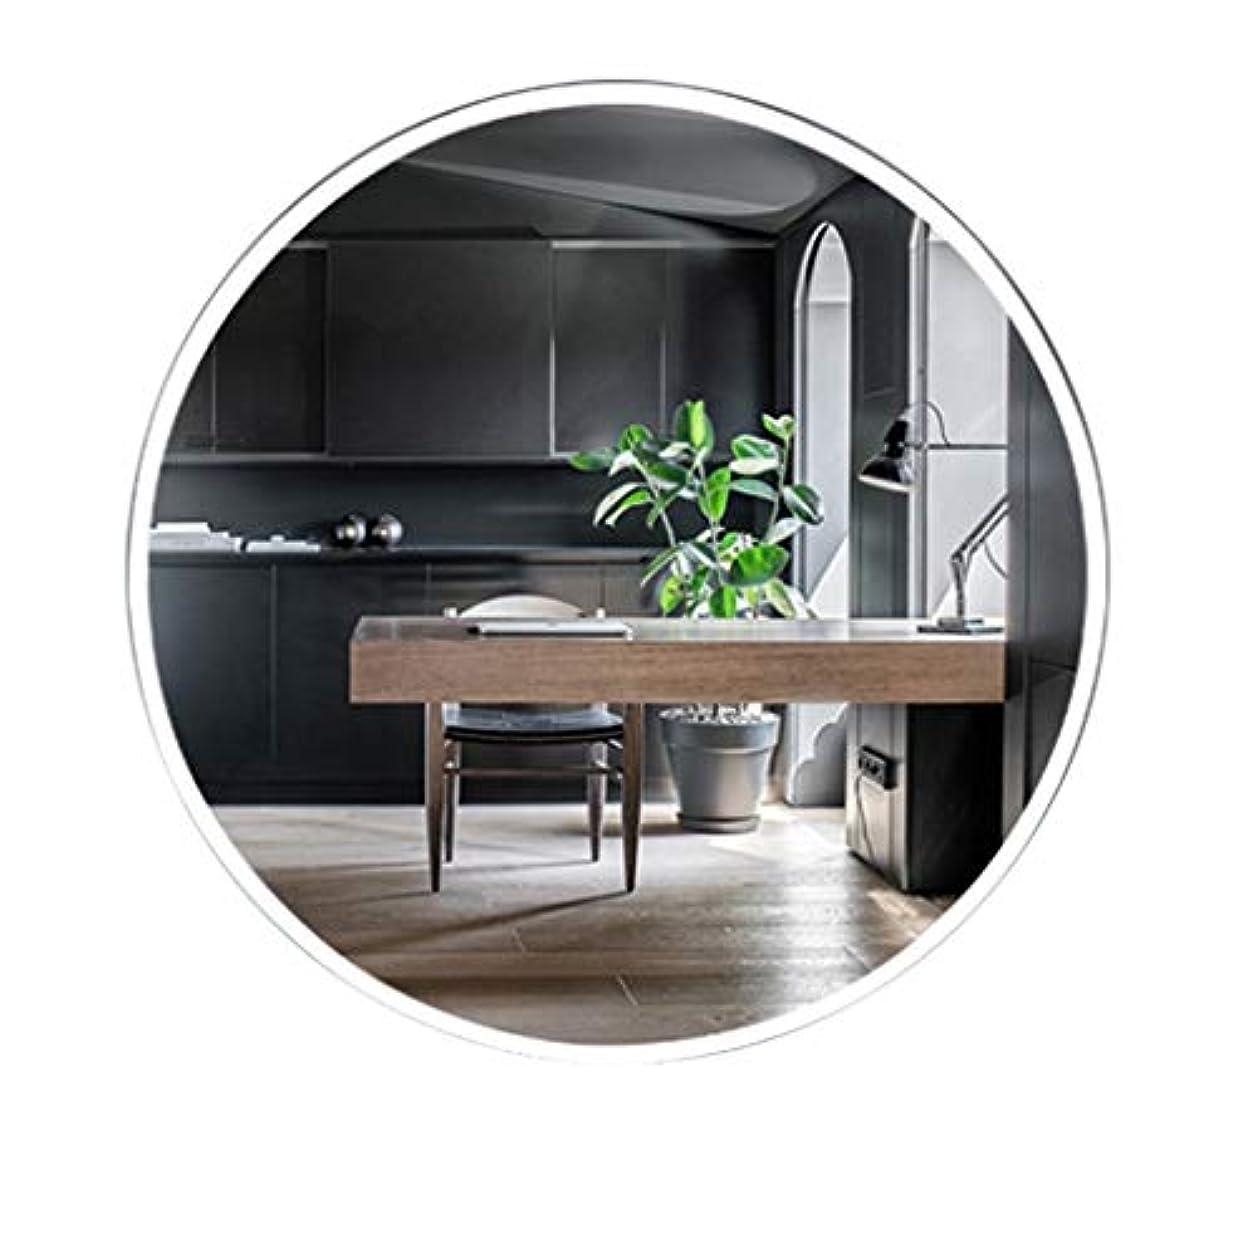 印刷する可愛いチャットTYJ-JP 鏡化粧鏡 HD化粧台壁掛け装飾丸型鏡シンプル壁掛け鏡北欧風パンチフリーガラス鏡 (Color : 白, Size : 40*40cm)